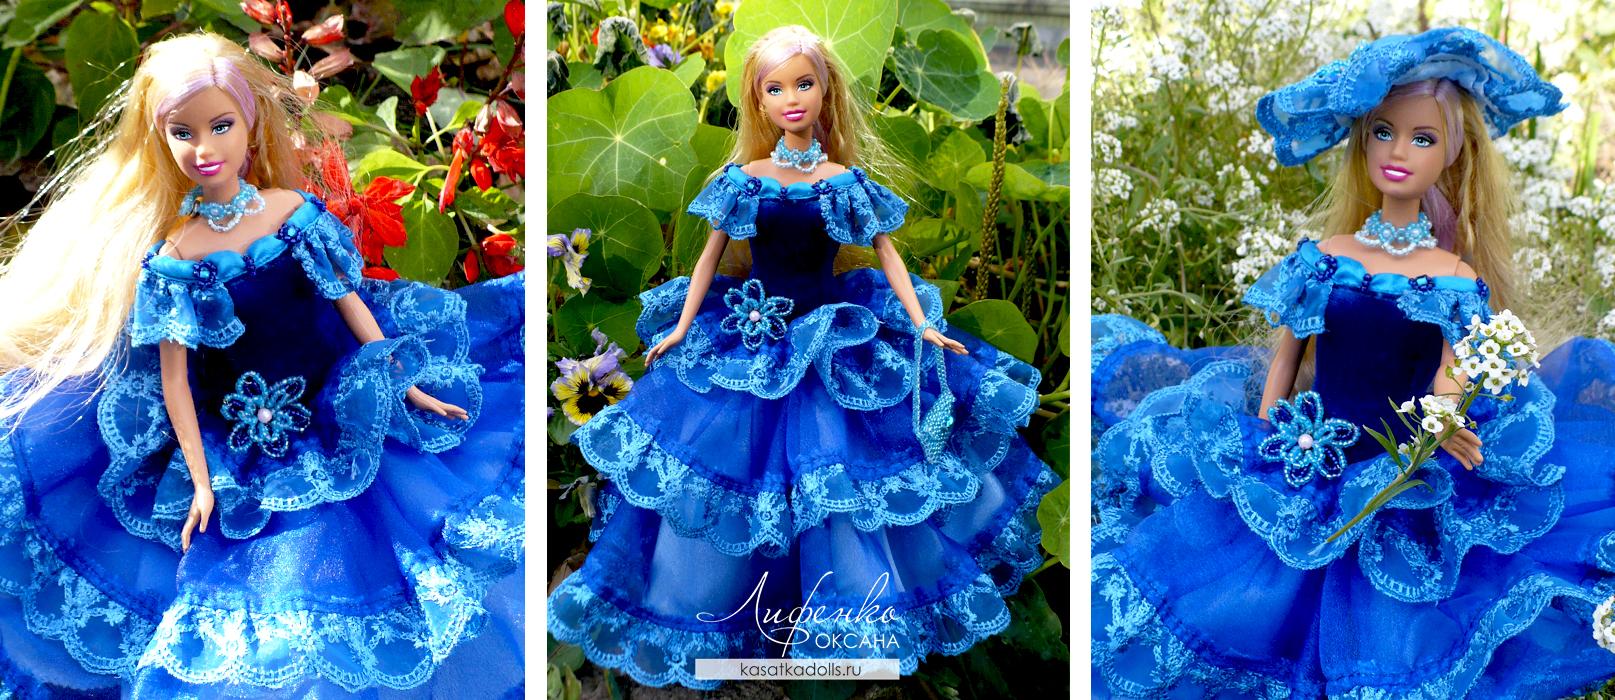 Первое платье и первое фото